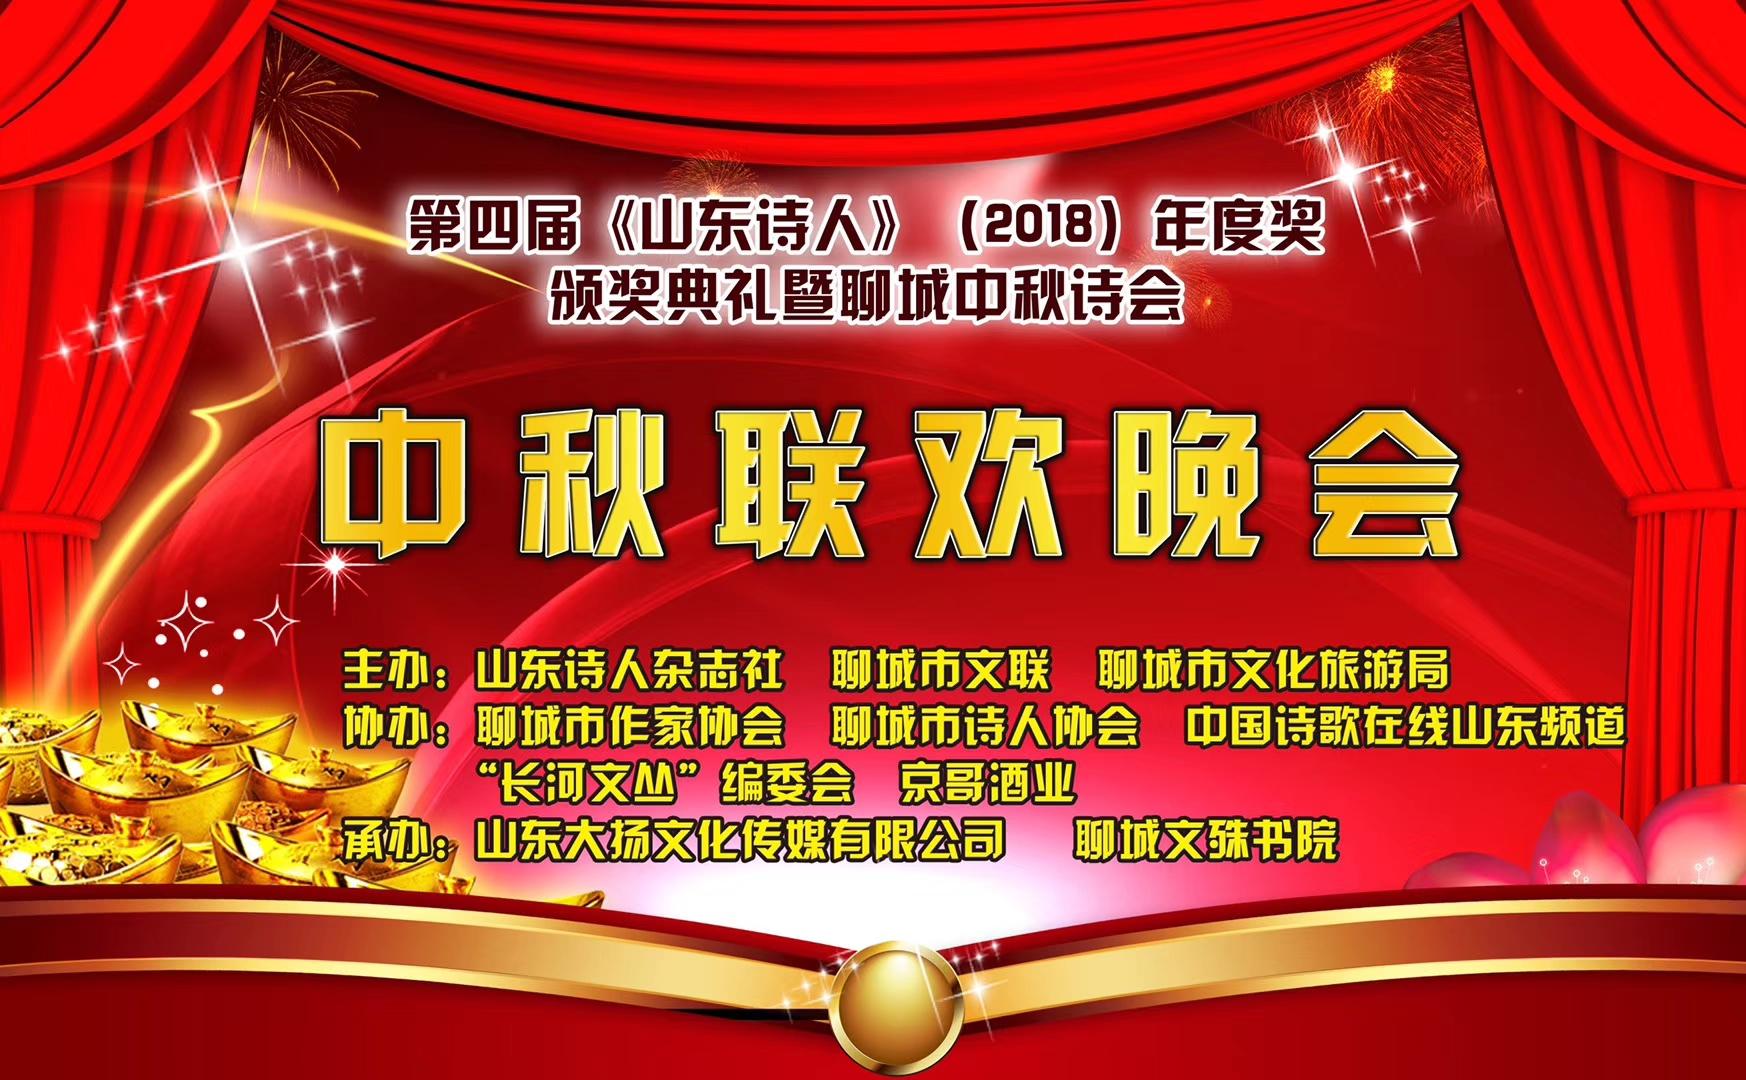 【中诗在线】第四届山东诗人年度奖颁奖典礼暨诗学研讨会